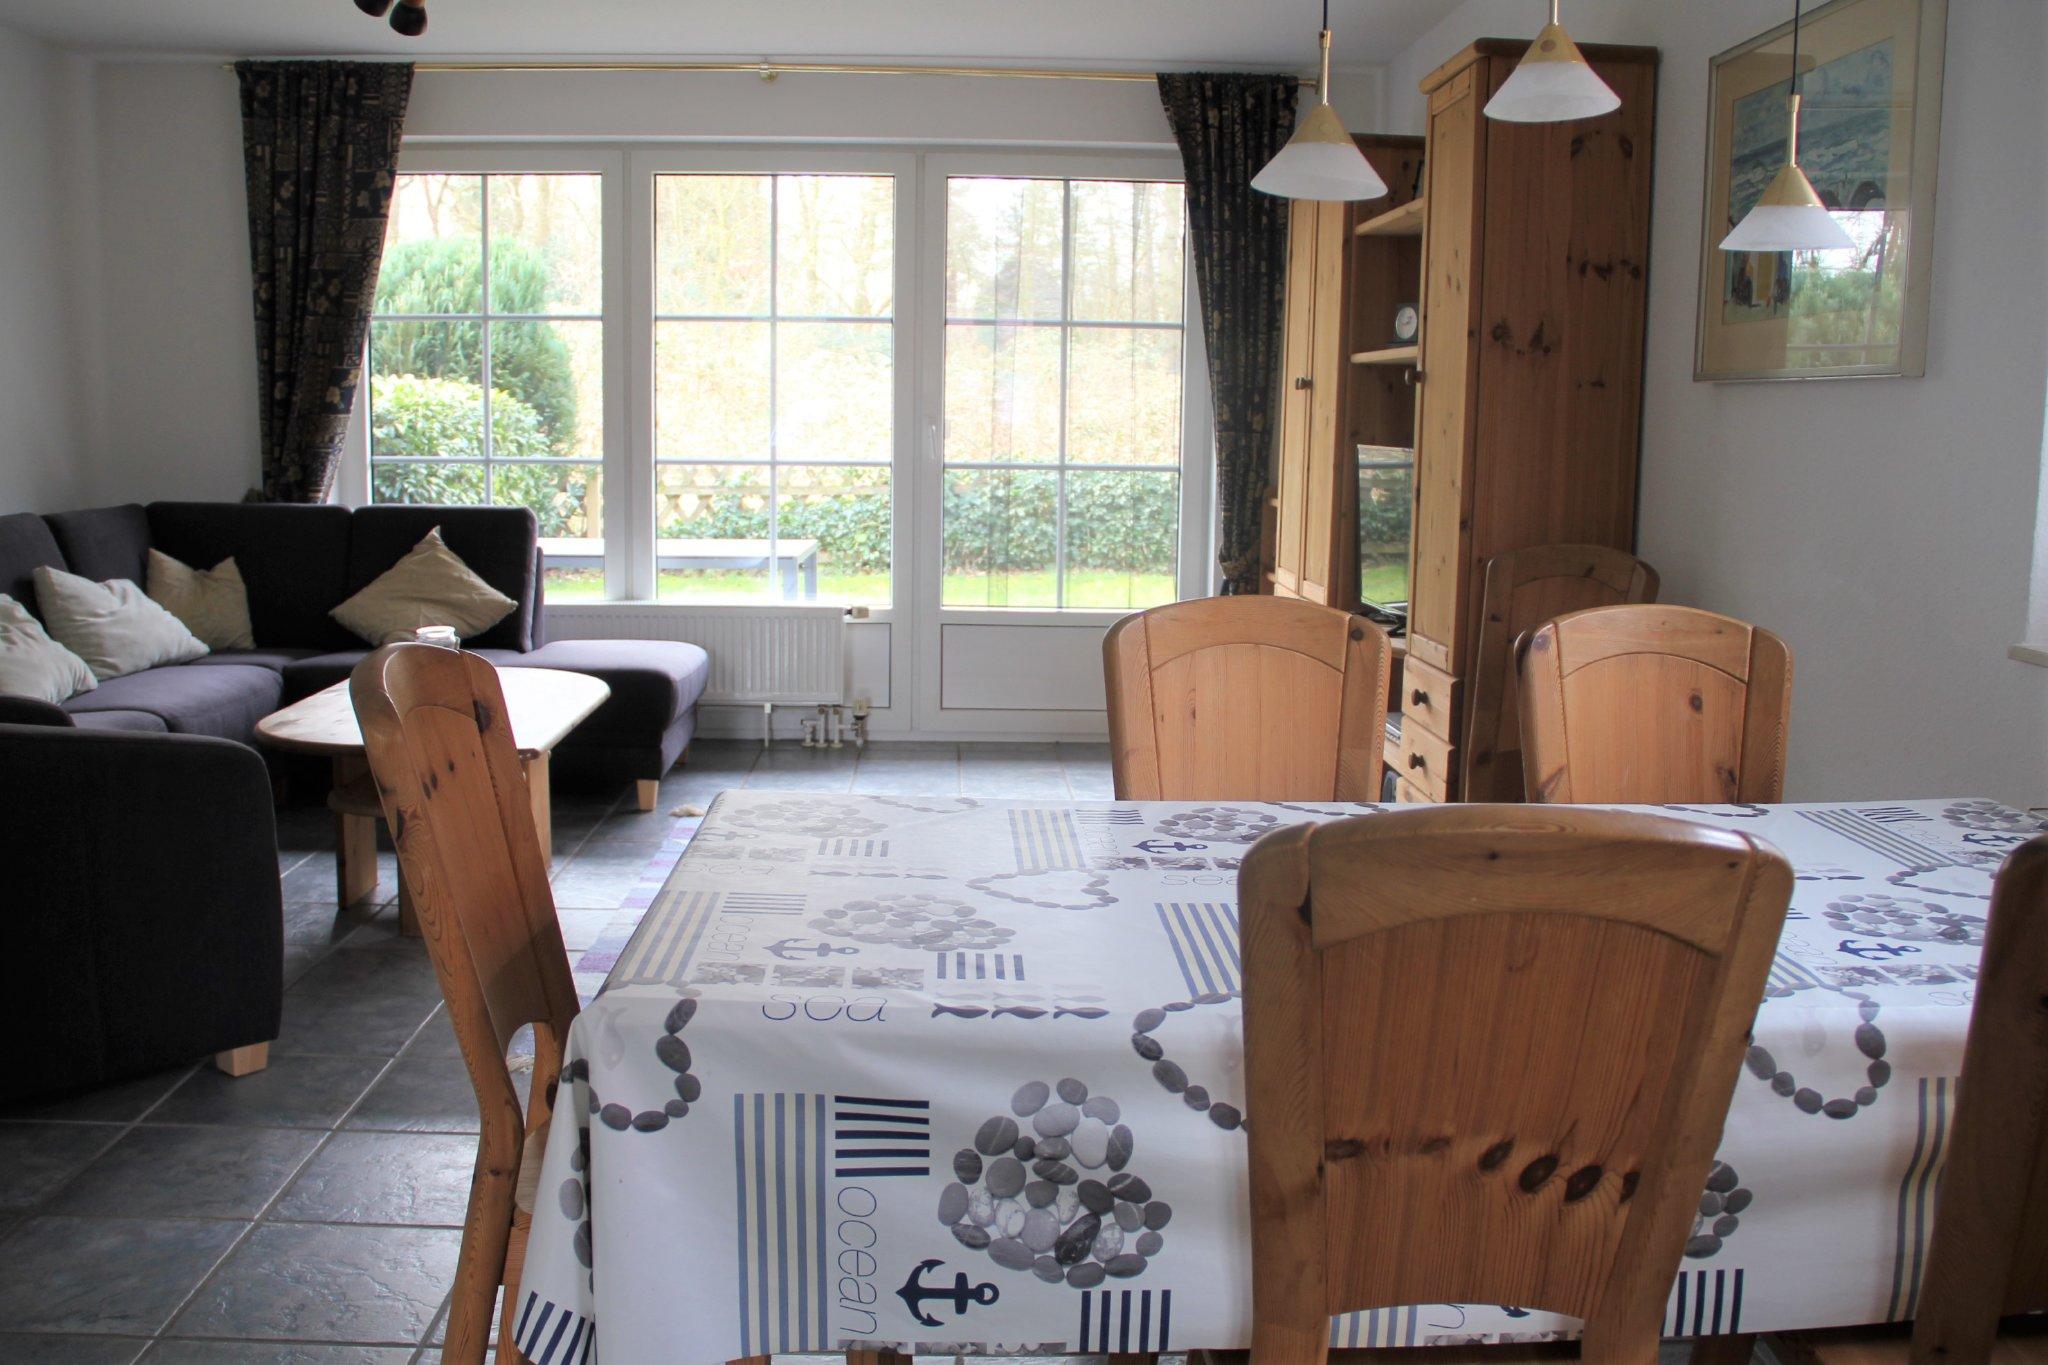 Die gemütliche Sitzecke im Wohnbereich